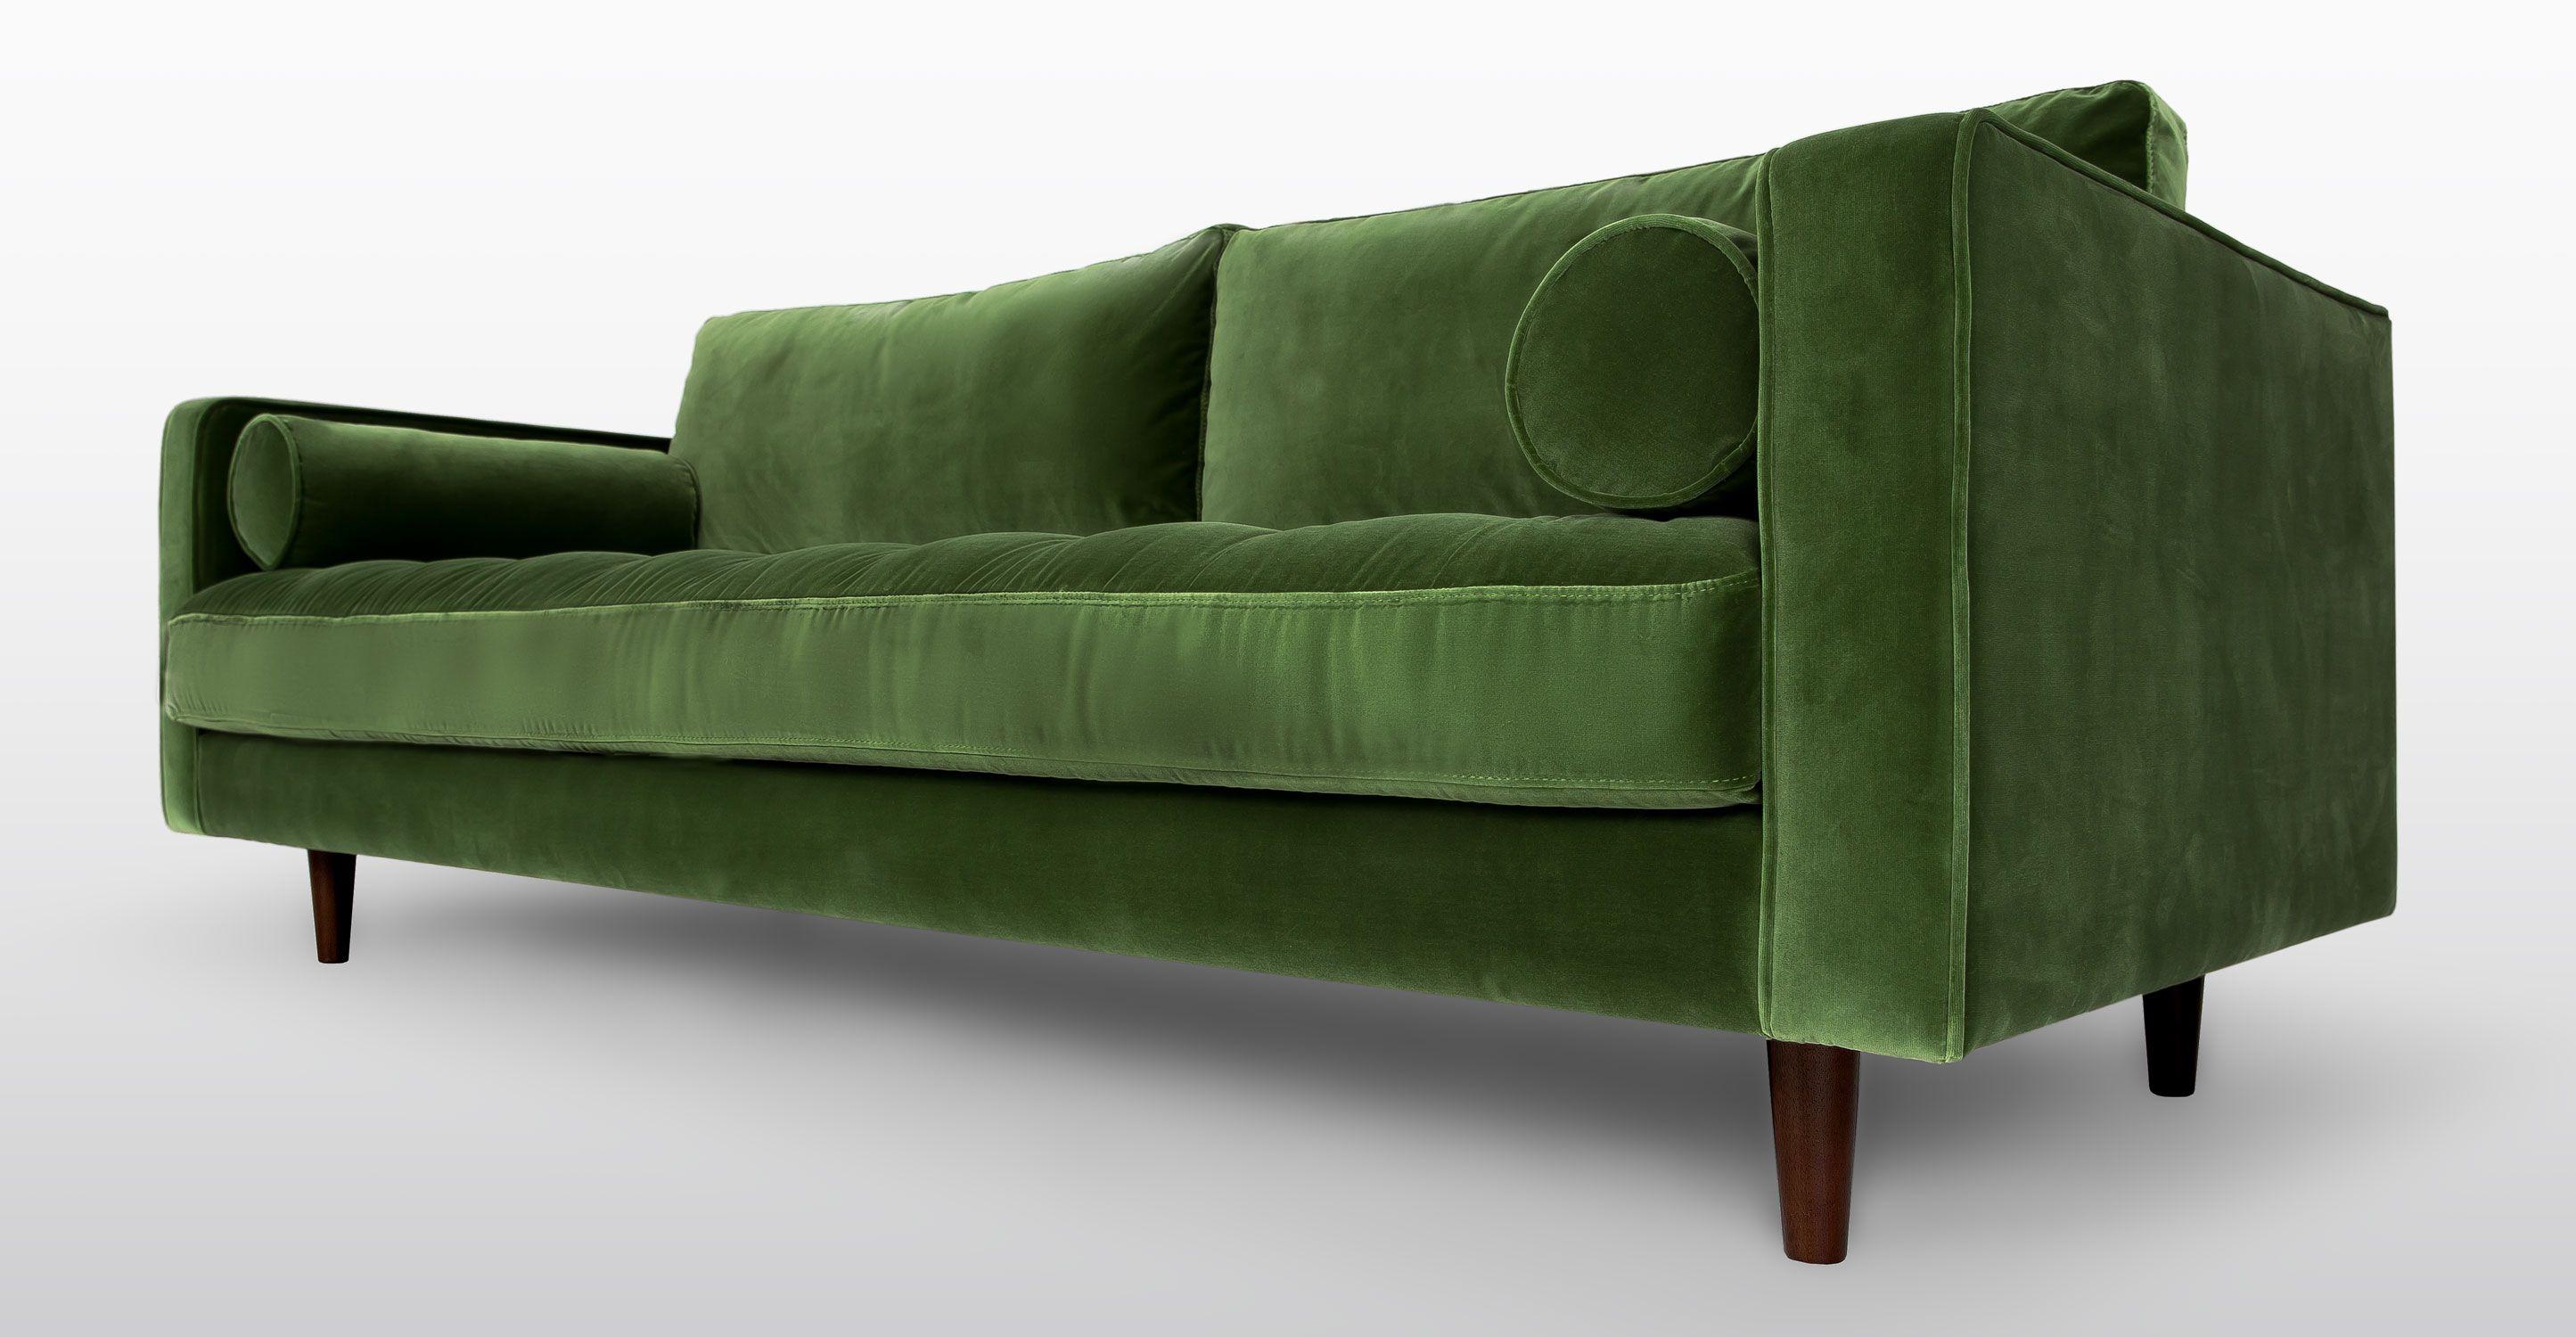 Green Velvet Tufted Sofa - Upholstered   Article Sven Modern ...